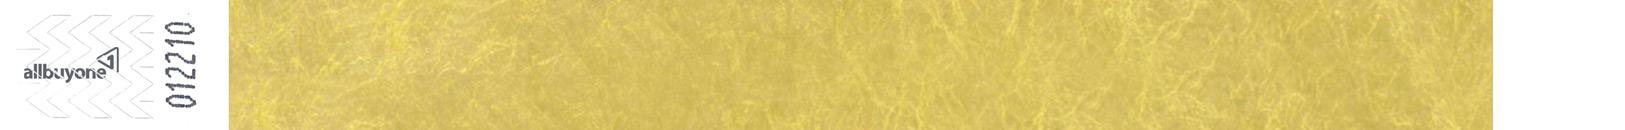 https://www.allbuyone.com/media/image/c7/0d/35/tyvek-gold-1625x130.jpg